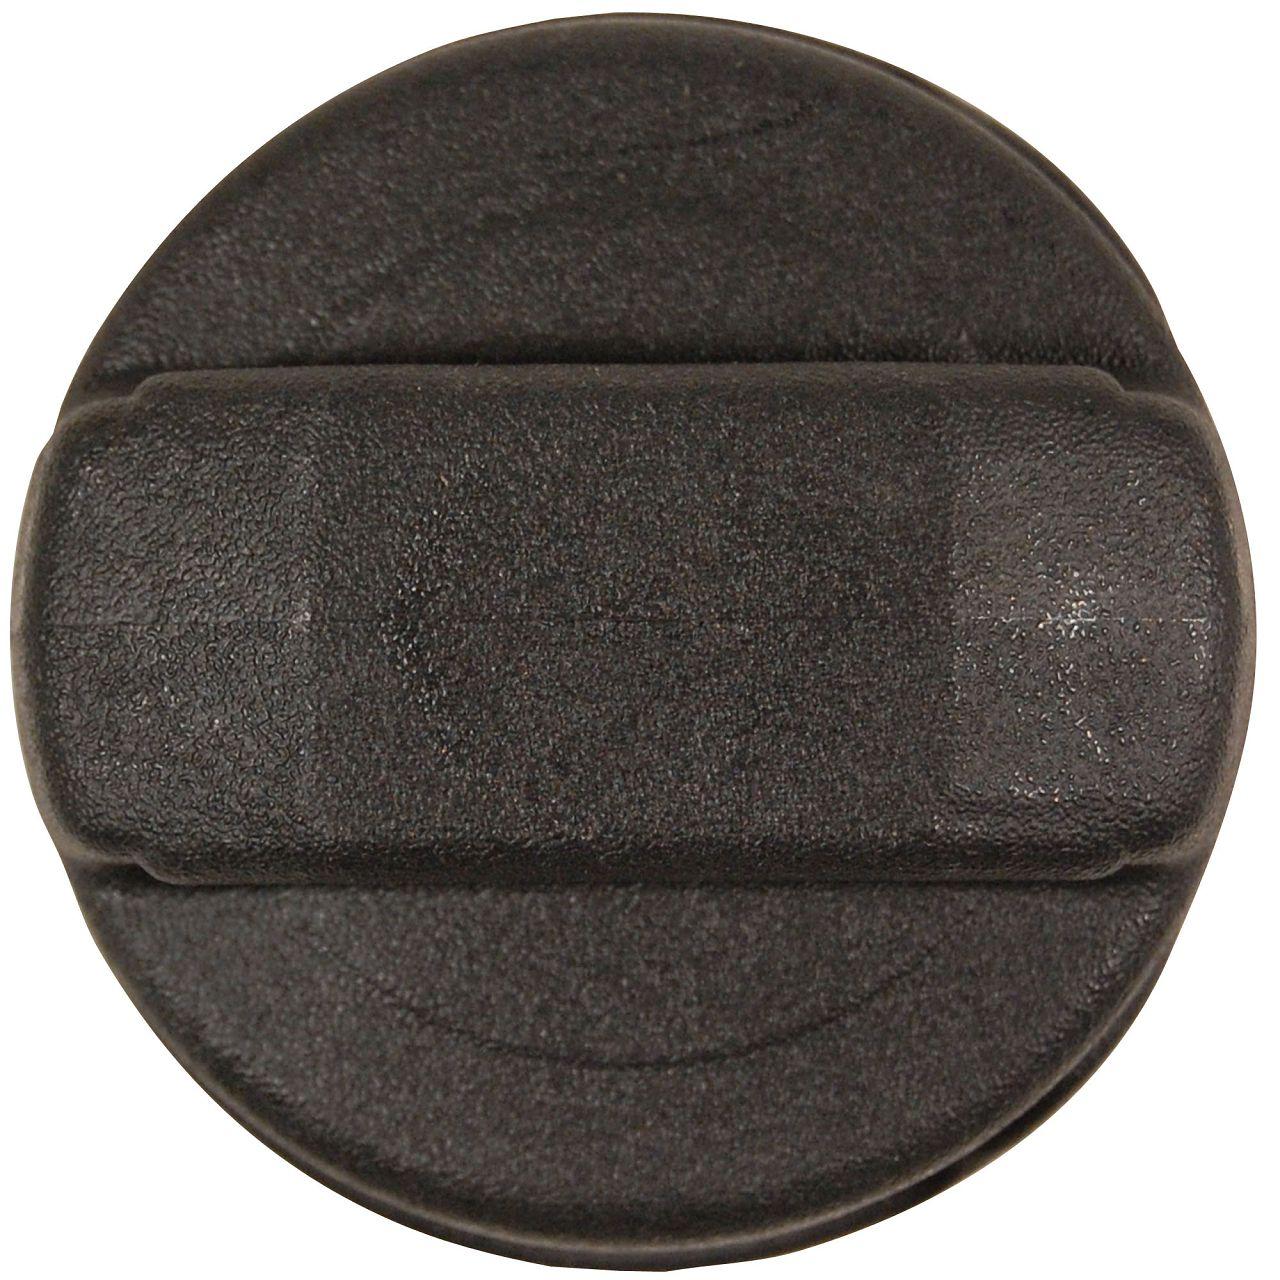 Tankdeckel Tankverschluss Verschluss Kraftstoffbehälter für Audi Seat Skoda VW